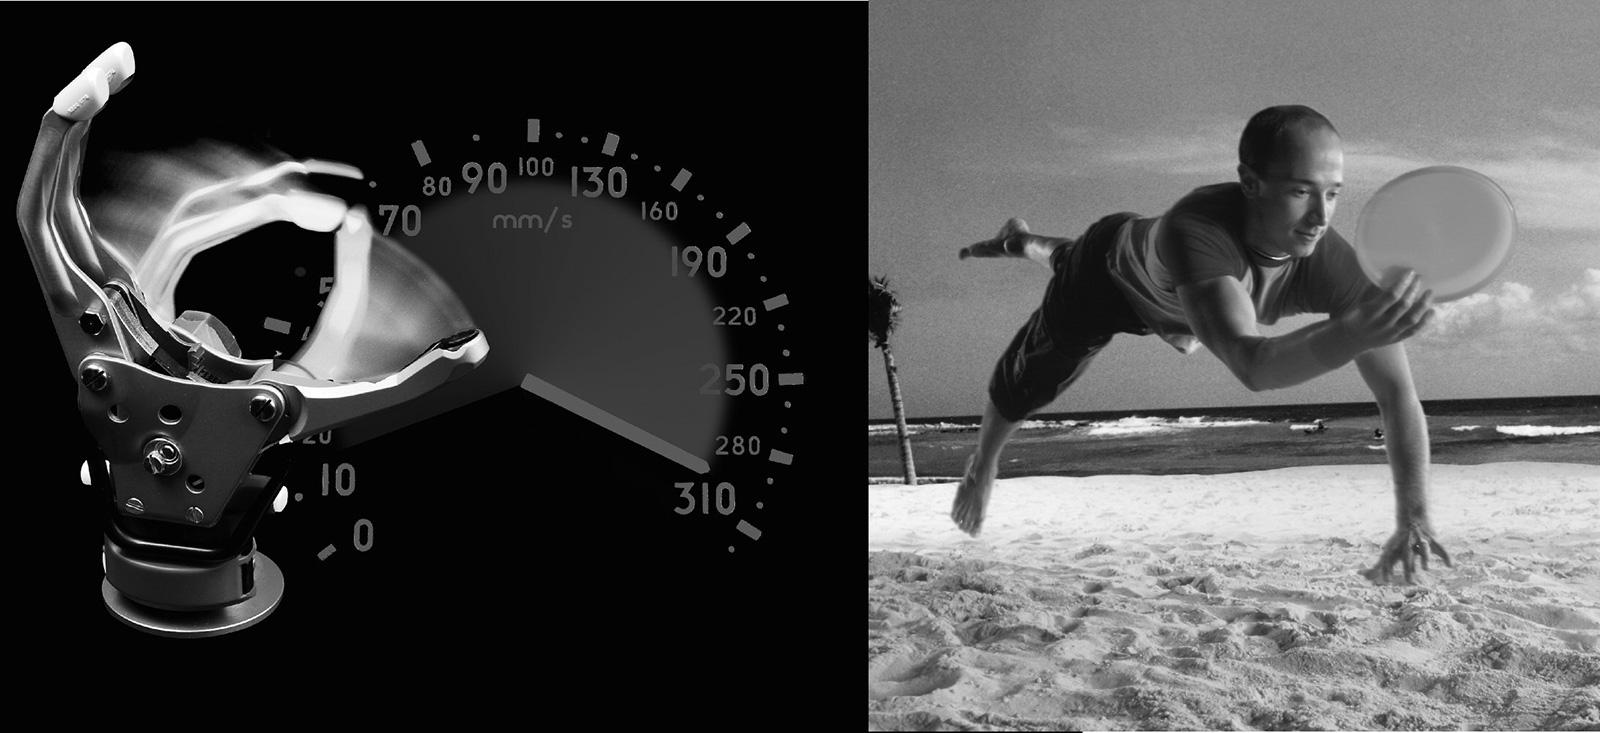 Abb. 10-16: Sensor Hand Speed: hohe Schlussgeschwindigkeit verbessert die Funktion. Das Griffstabilisierungs-System verhindert, dass Gegenstände aus der Hand rutschen. (Mit freundlicher Genehmigung der Otto Bock Health Care Deutschland GmbH)